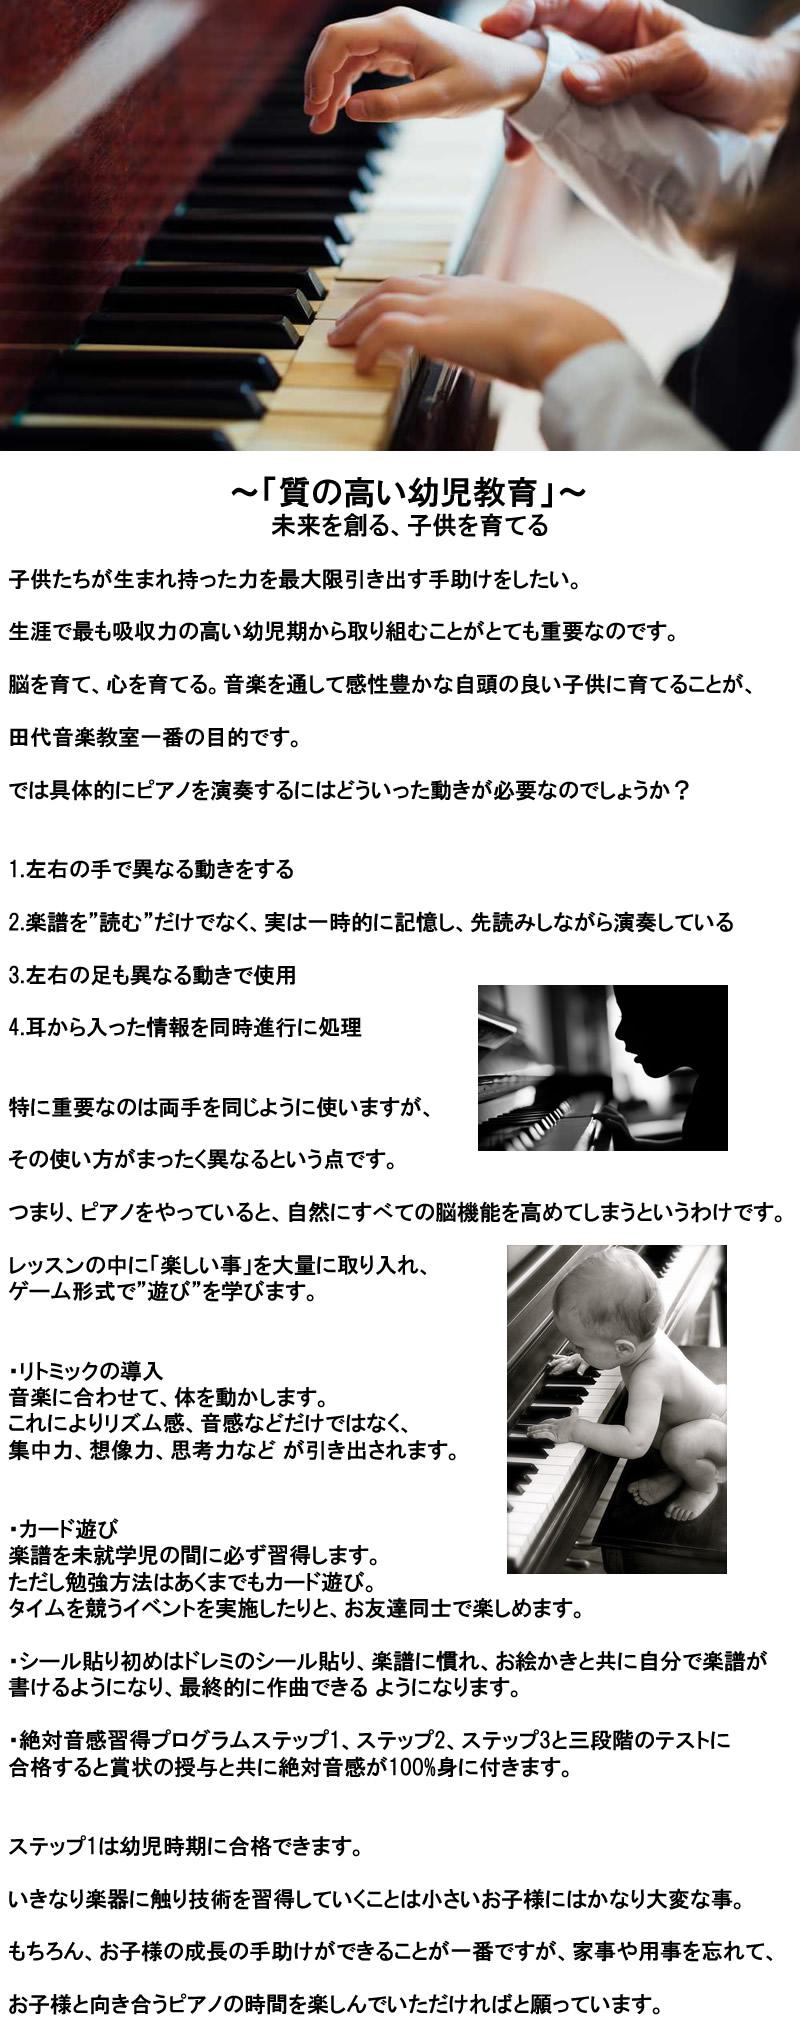 田代音楽教室 ピアノ 幼児教育